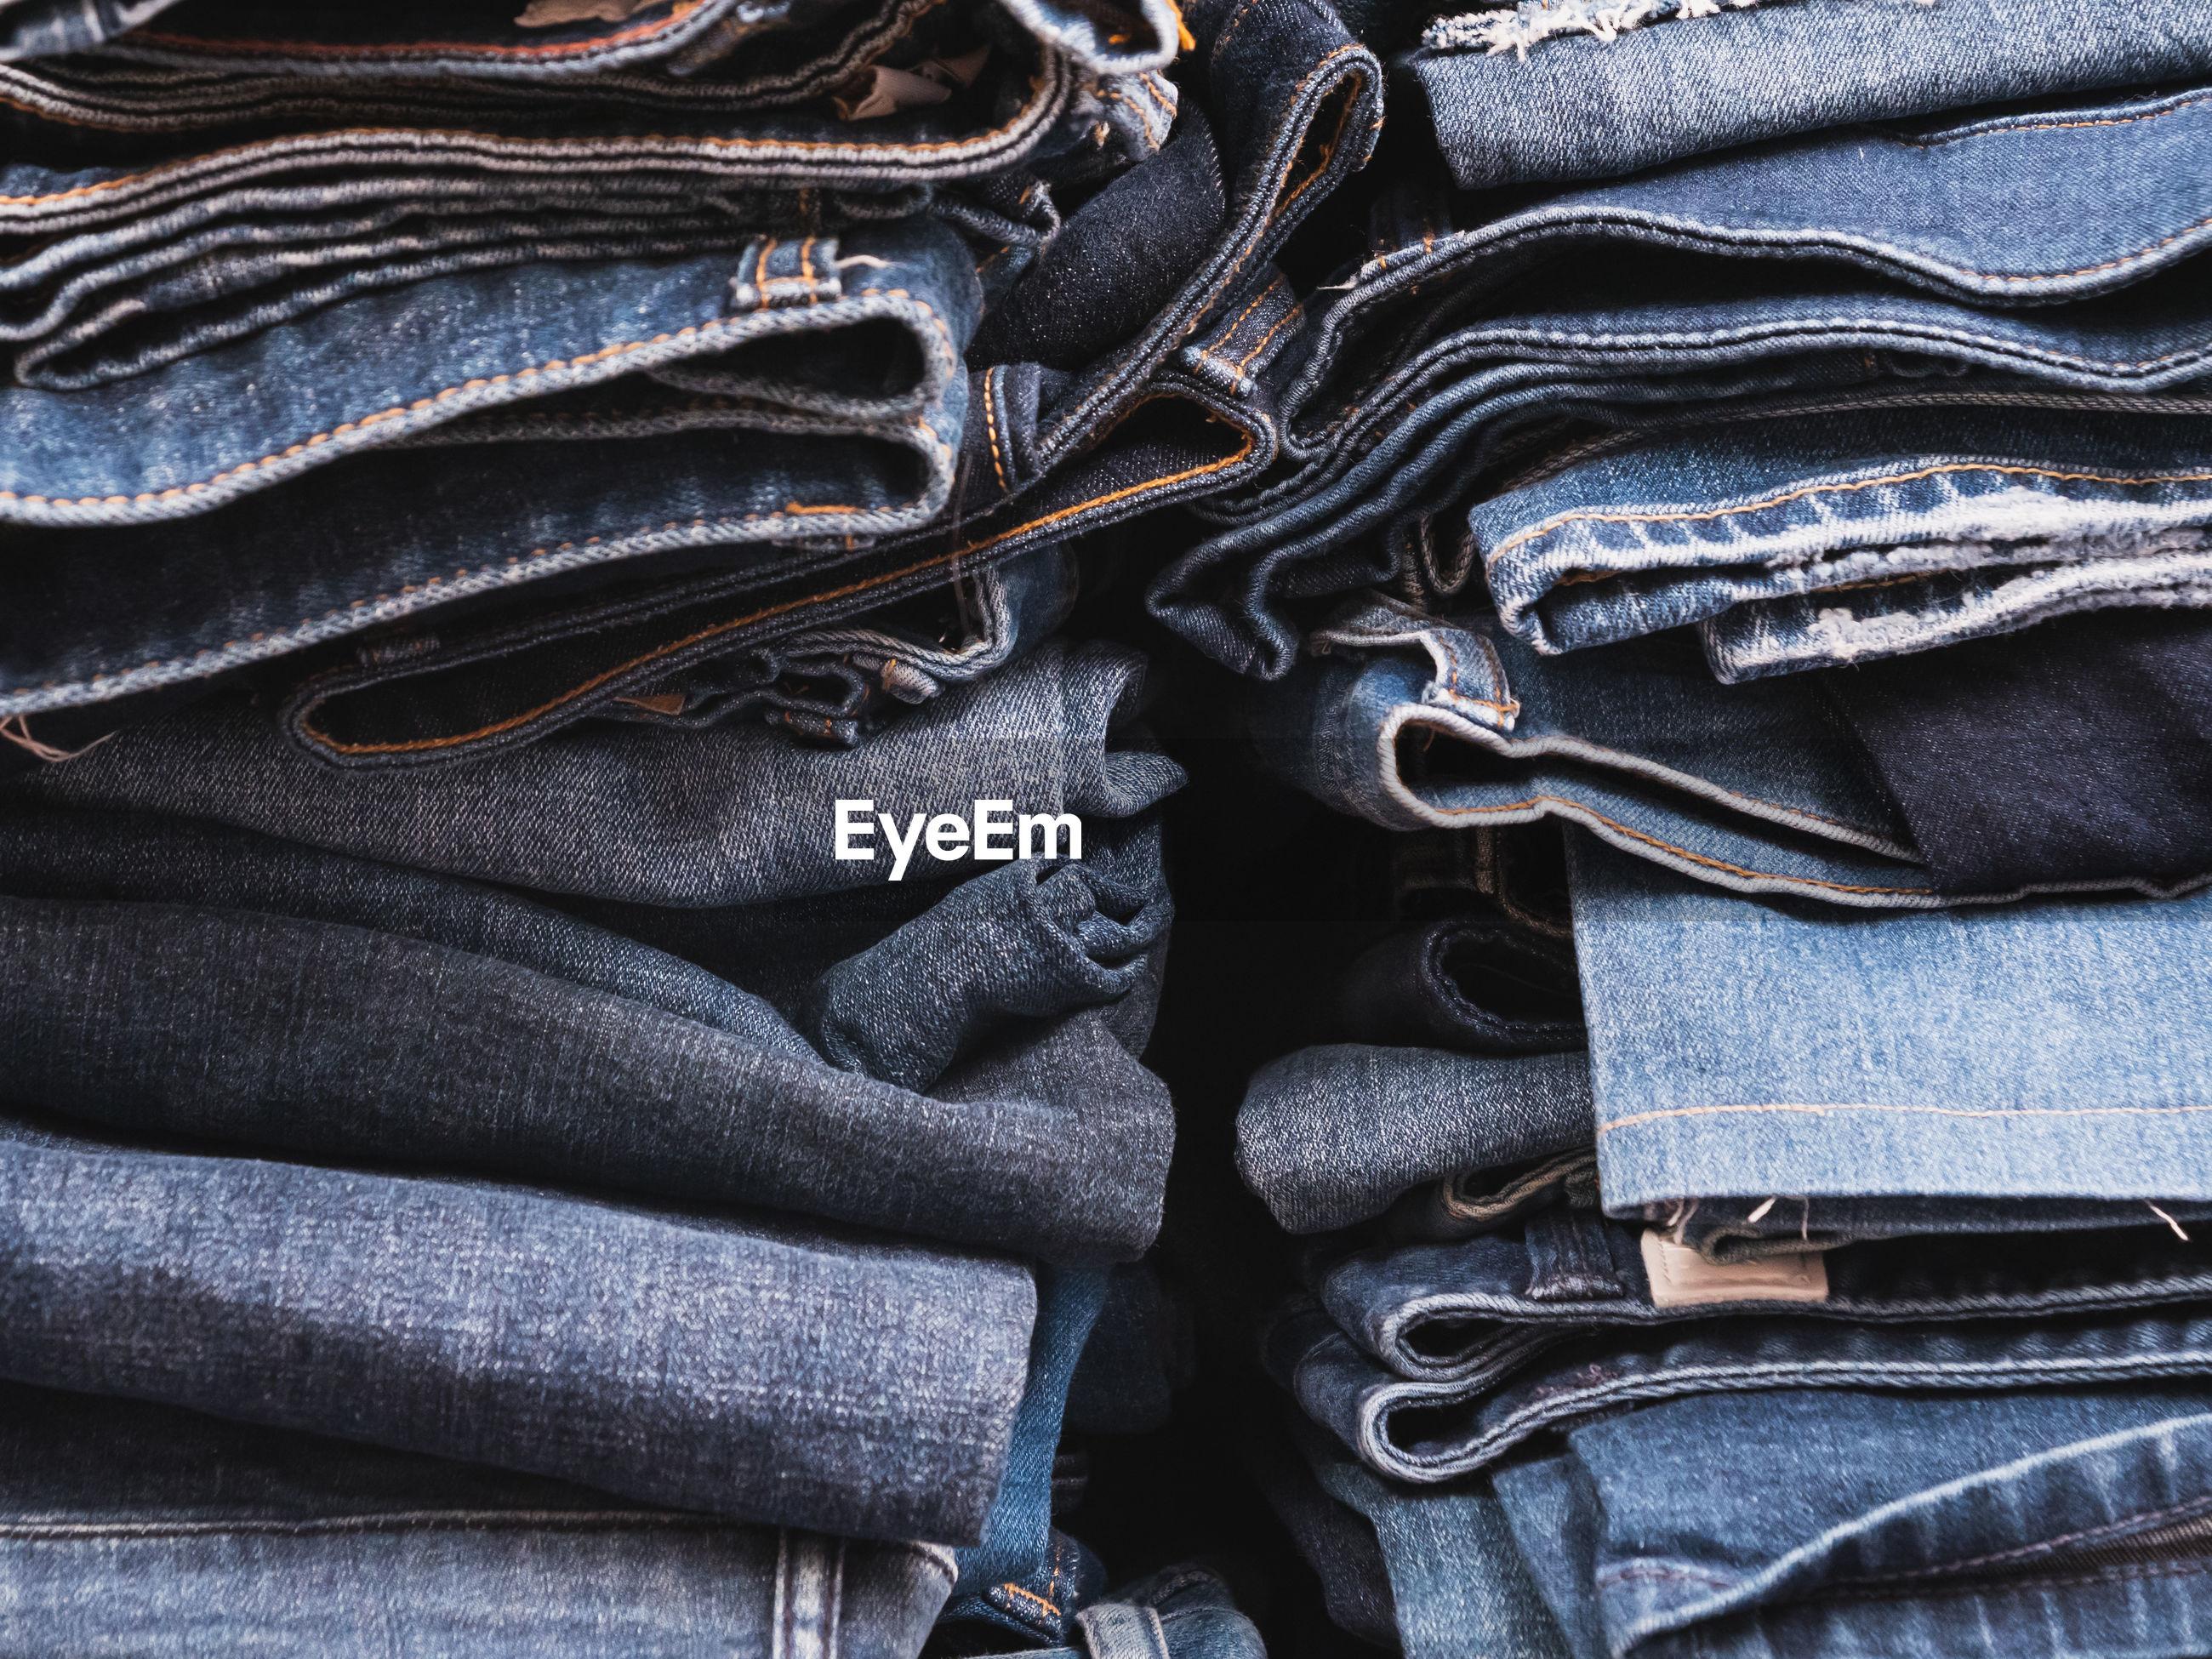 Full frame shot of jeans pants